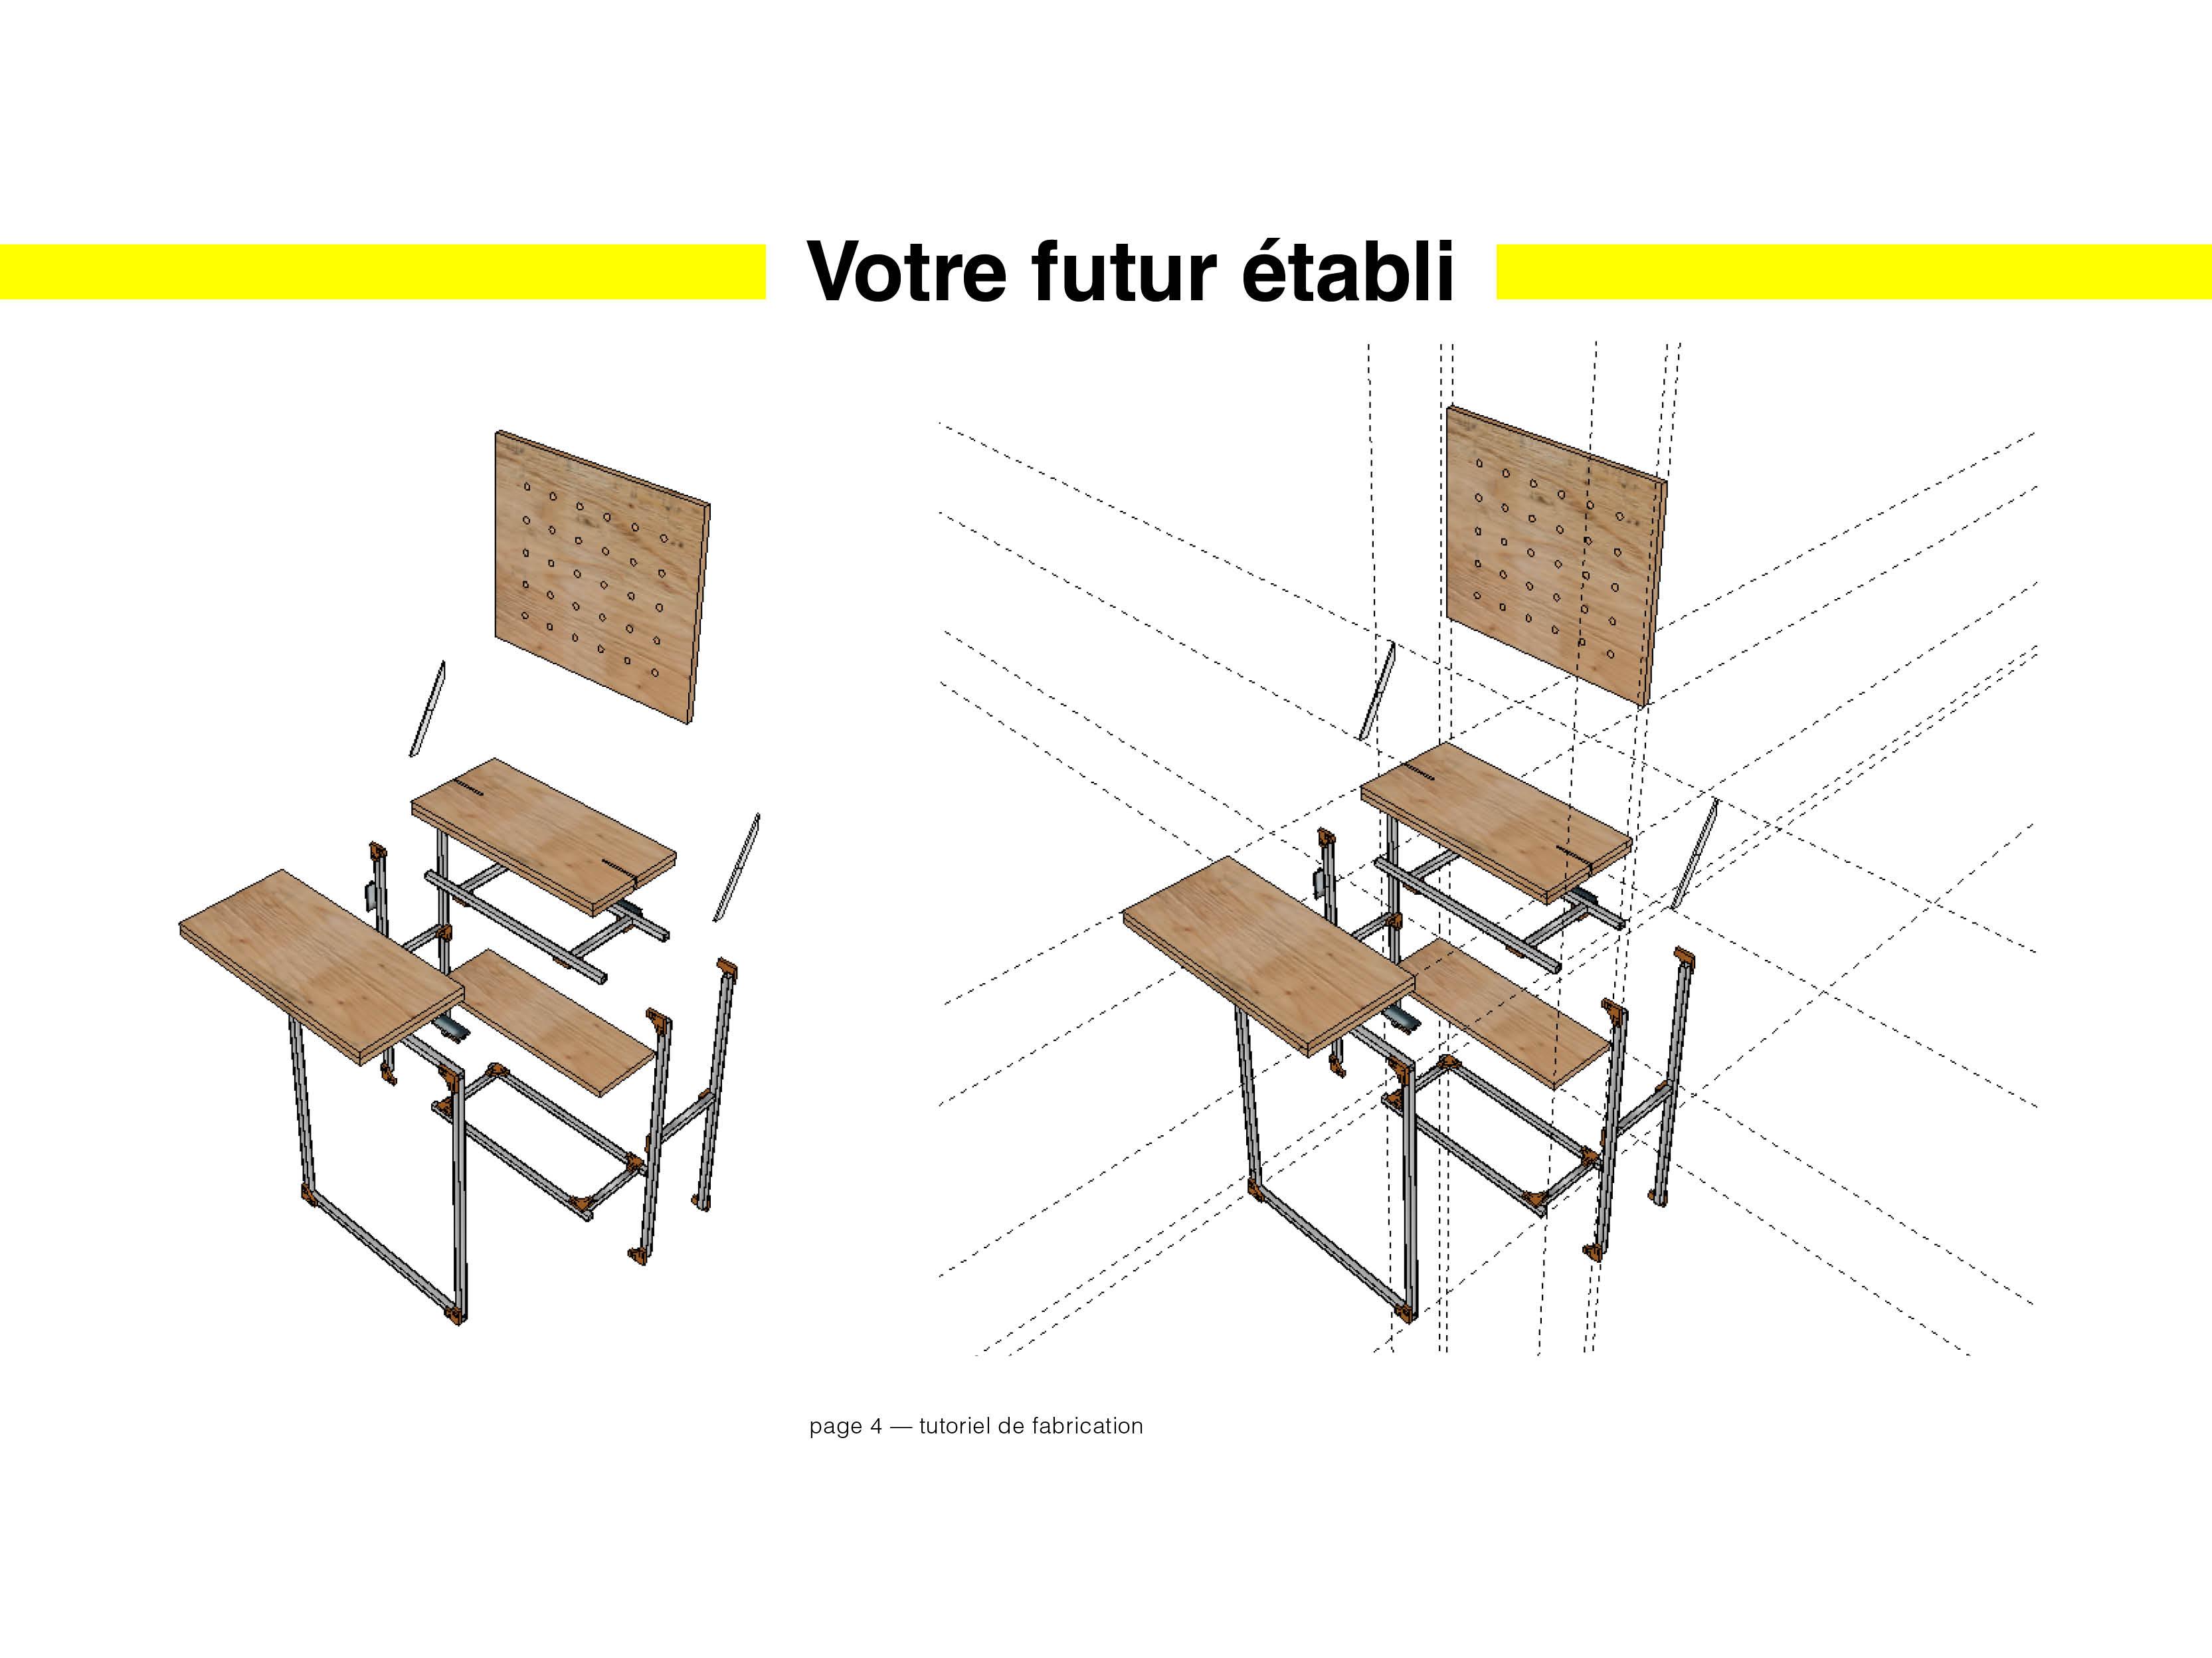 Fabrique ton établi CASTORAMA fabrique-ton-etabli AVlab BAT-pour-WIKIFAB4.jpg